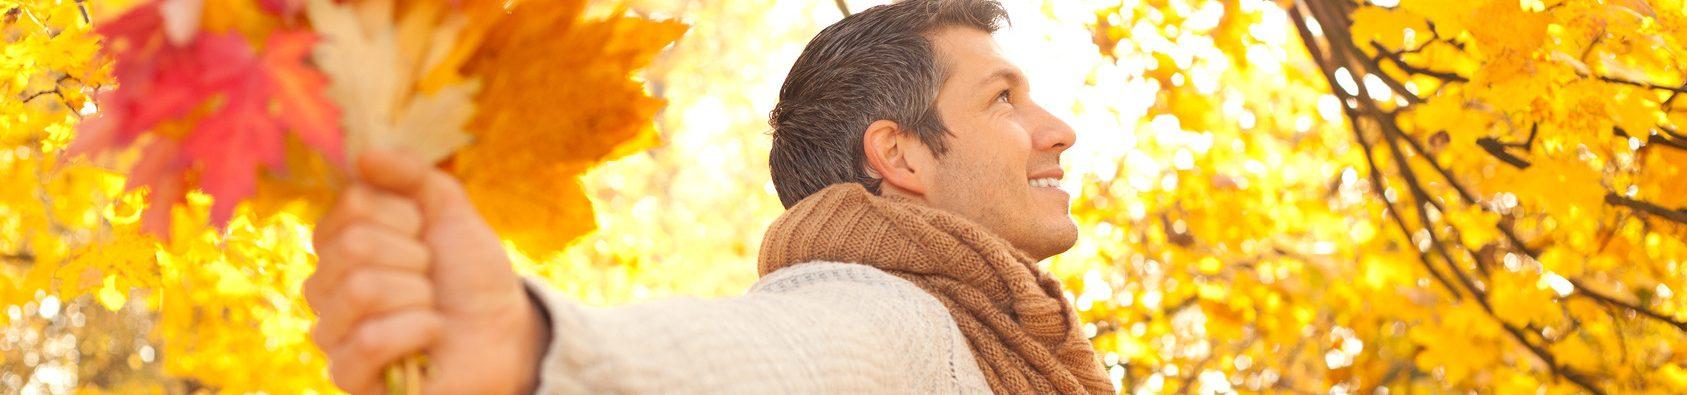 Homme en forêt admirant les couleurs de l'automne